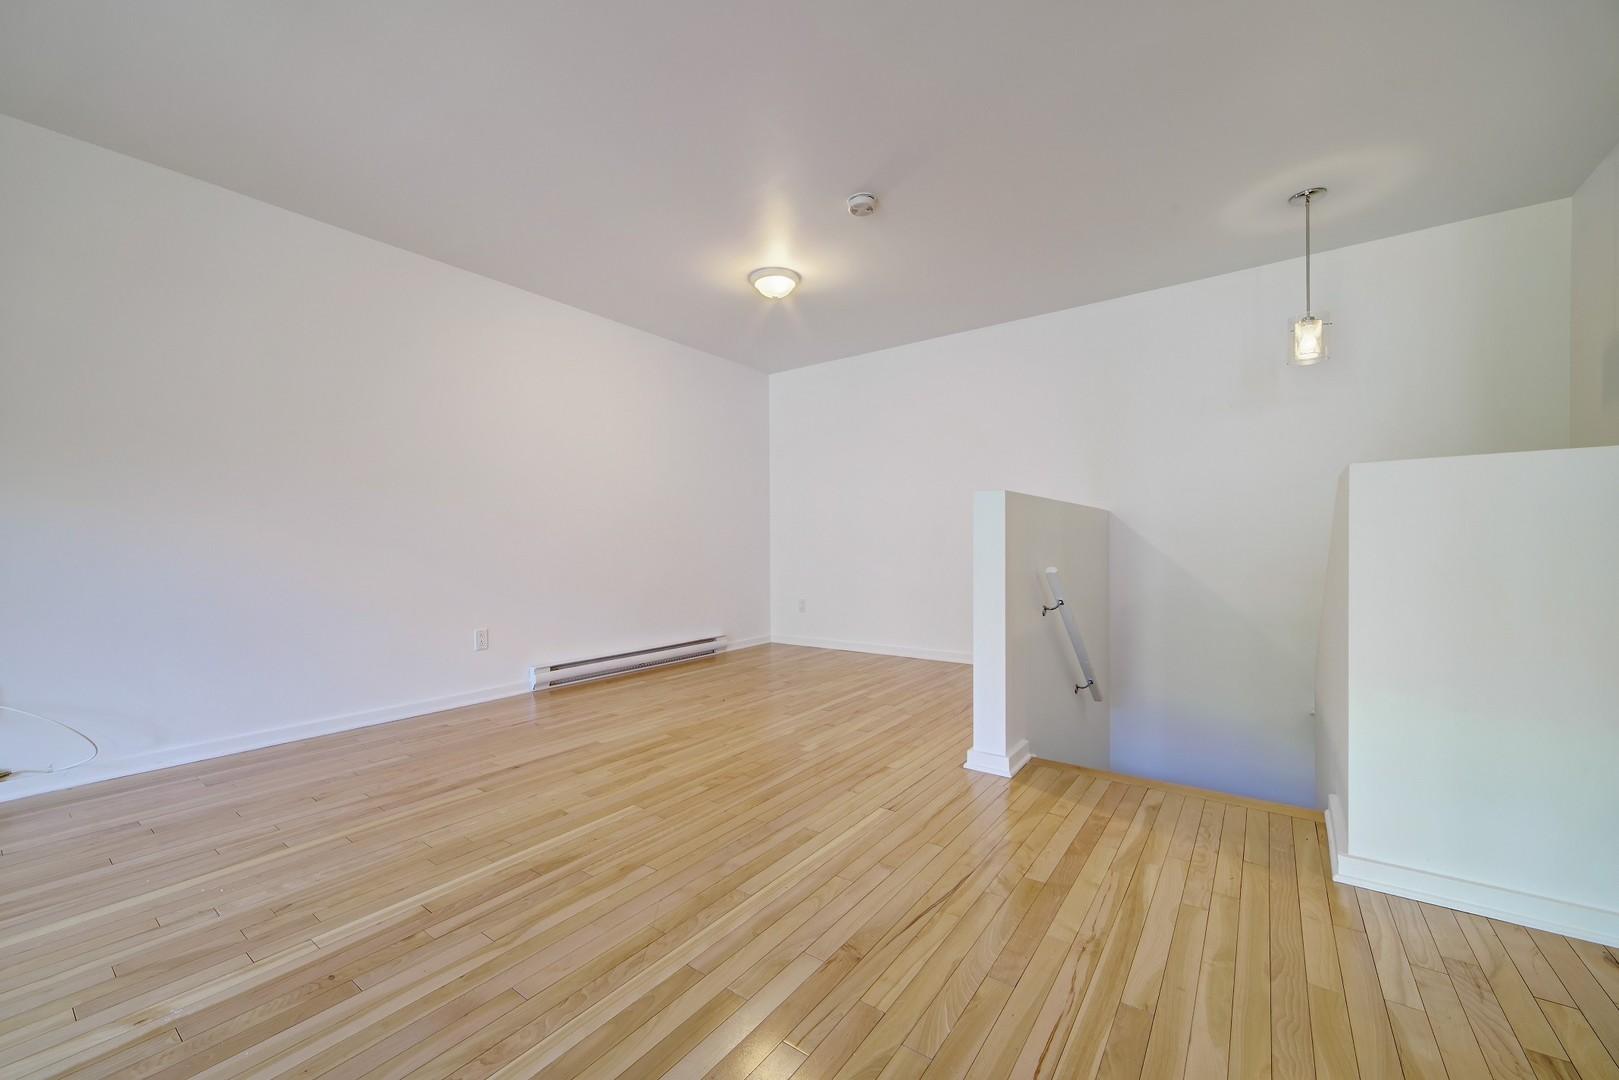 image 8 - Condo - For rent - Montréal  (Rivière-des-Prairies) - 4 rooms